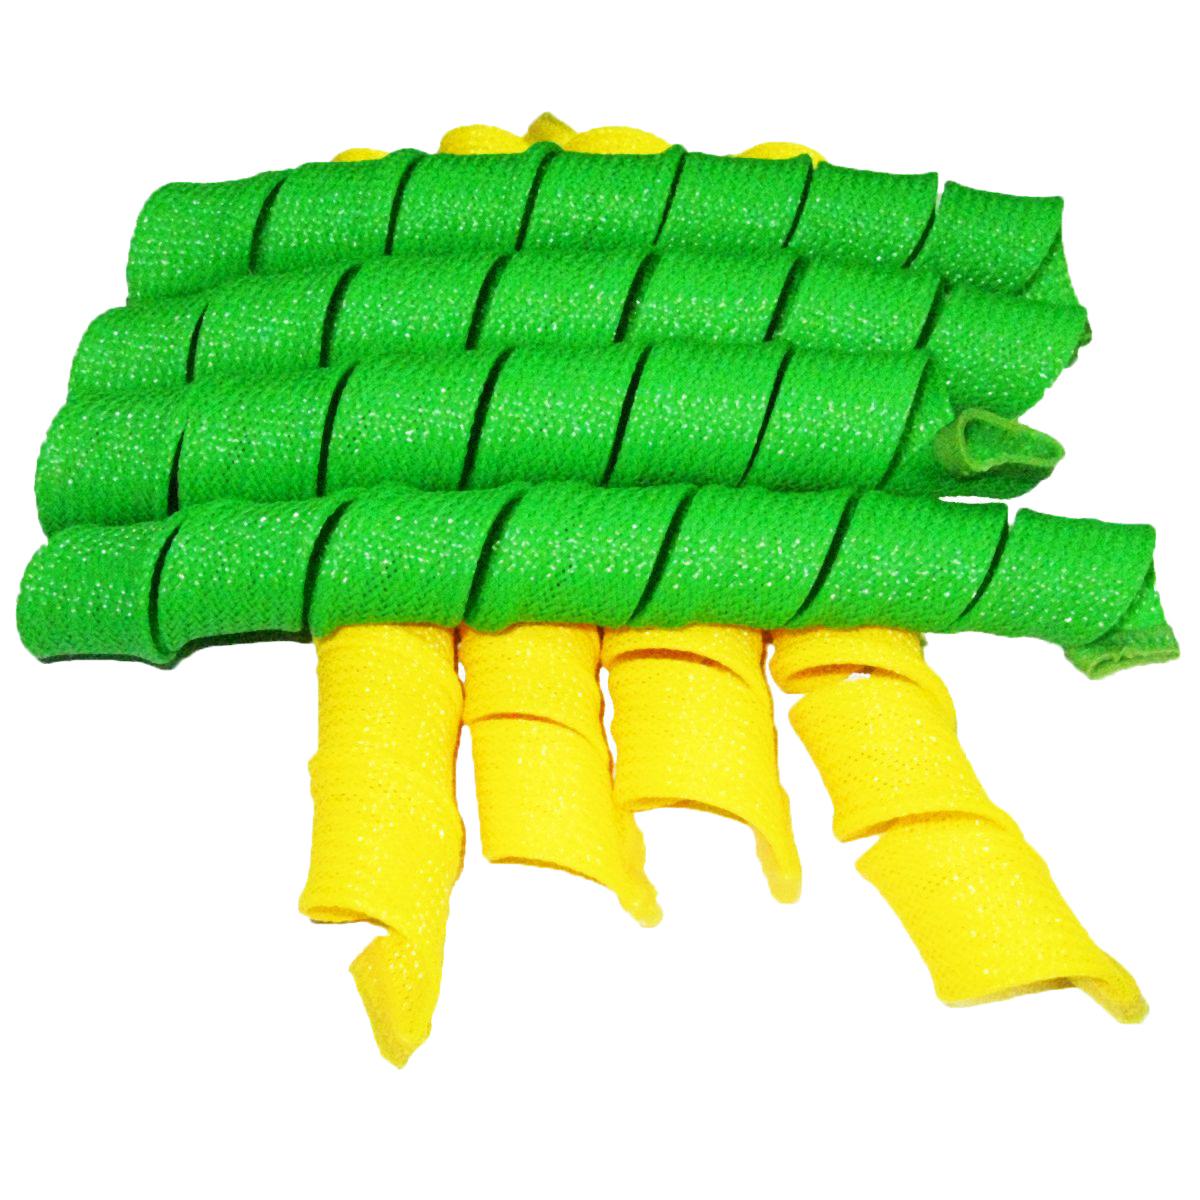 Дива Волшебные бигуди Широкие, 54 см, 18 штДШ54Бигуди этой формы помогают придать объем, быстро и без усилий обзавестись крупными и средними кудрями. Эластичная сеточка из полимерных волокон позволяет получить плавные округлые завитки без заломов. Силиконовые наконечники не дают спиралькам сползать, и при этом легко снимаются с сухих волос.Чтобы получить идеальную прическу, достаточно закрепить бигуди на волосах влажностью 60-70% и просушить их феном или оставить до утра. На мягких Magic Leverag можно проспать всю ночь, не ощущая неудобства. Все 18 широких и длинных бигуди Дива закручиваются в одну сторону, а значит вы легко проконтролируете направление локонов и равномерность укладки. Характеристики:Длина: 54 смШирина локона: 2,2 смДиаметр завитка: 2,5 смКоличество: 18 шт.Крючок: двойнойУпаковка: коробка